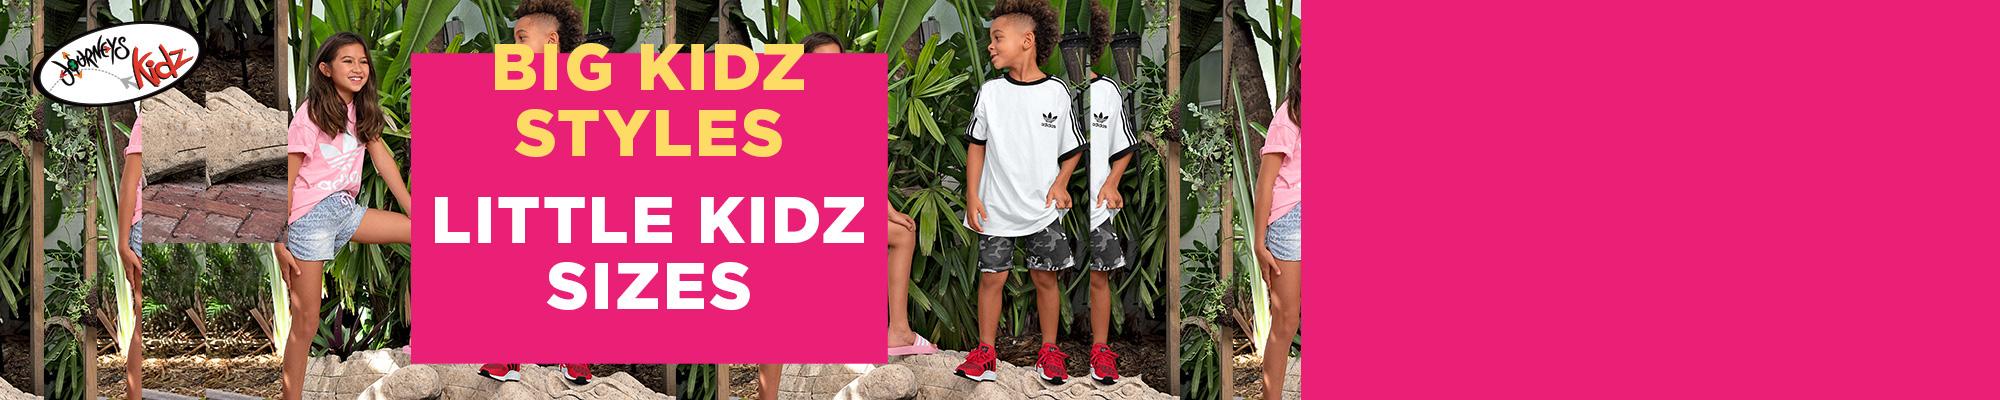 Shop Journeys Kidz